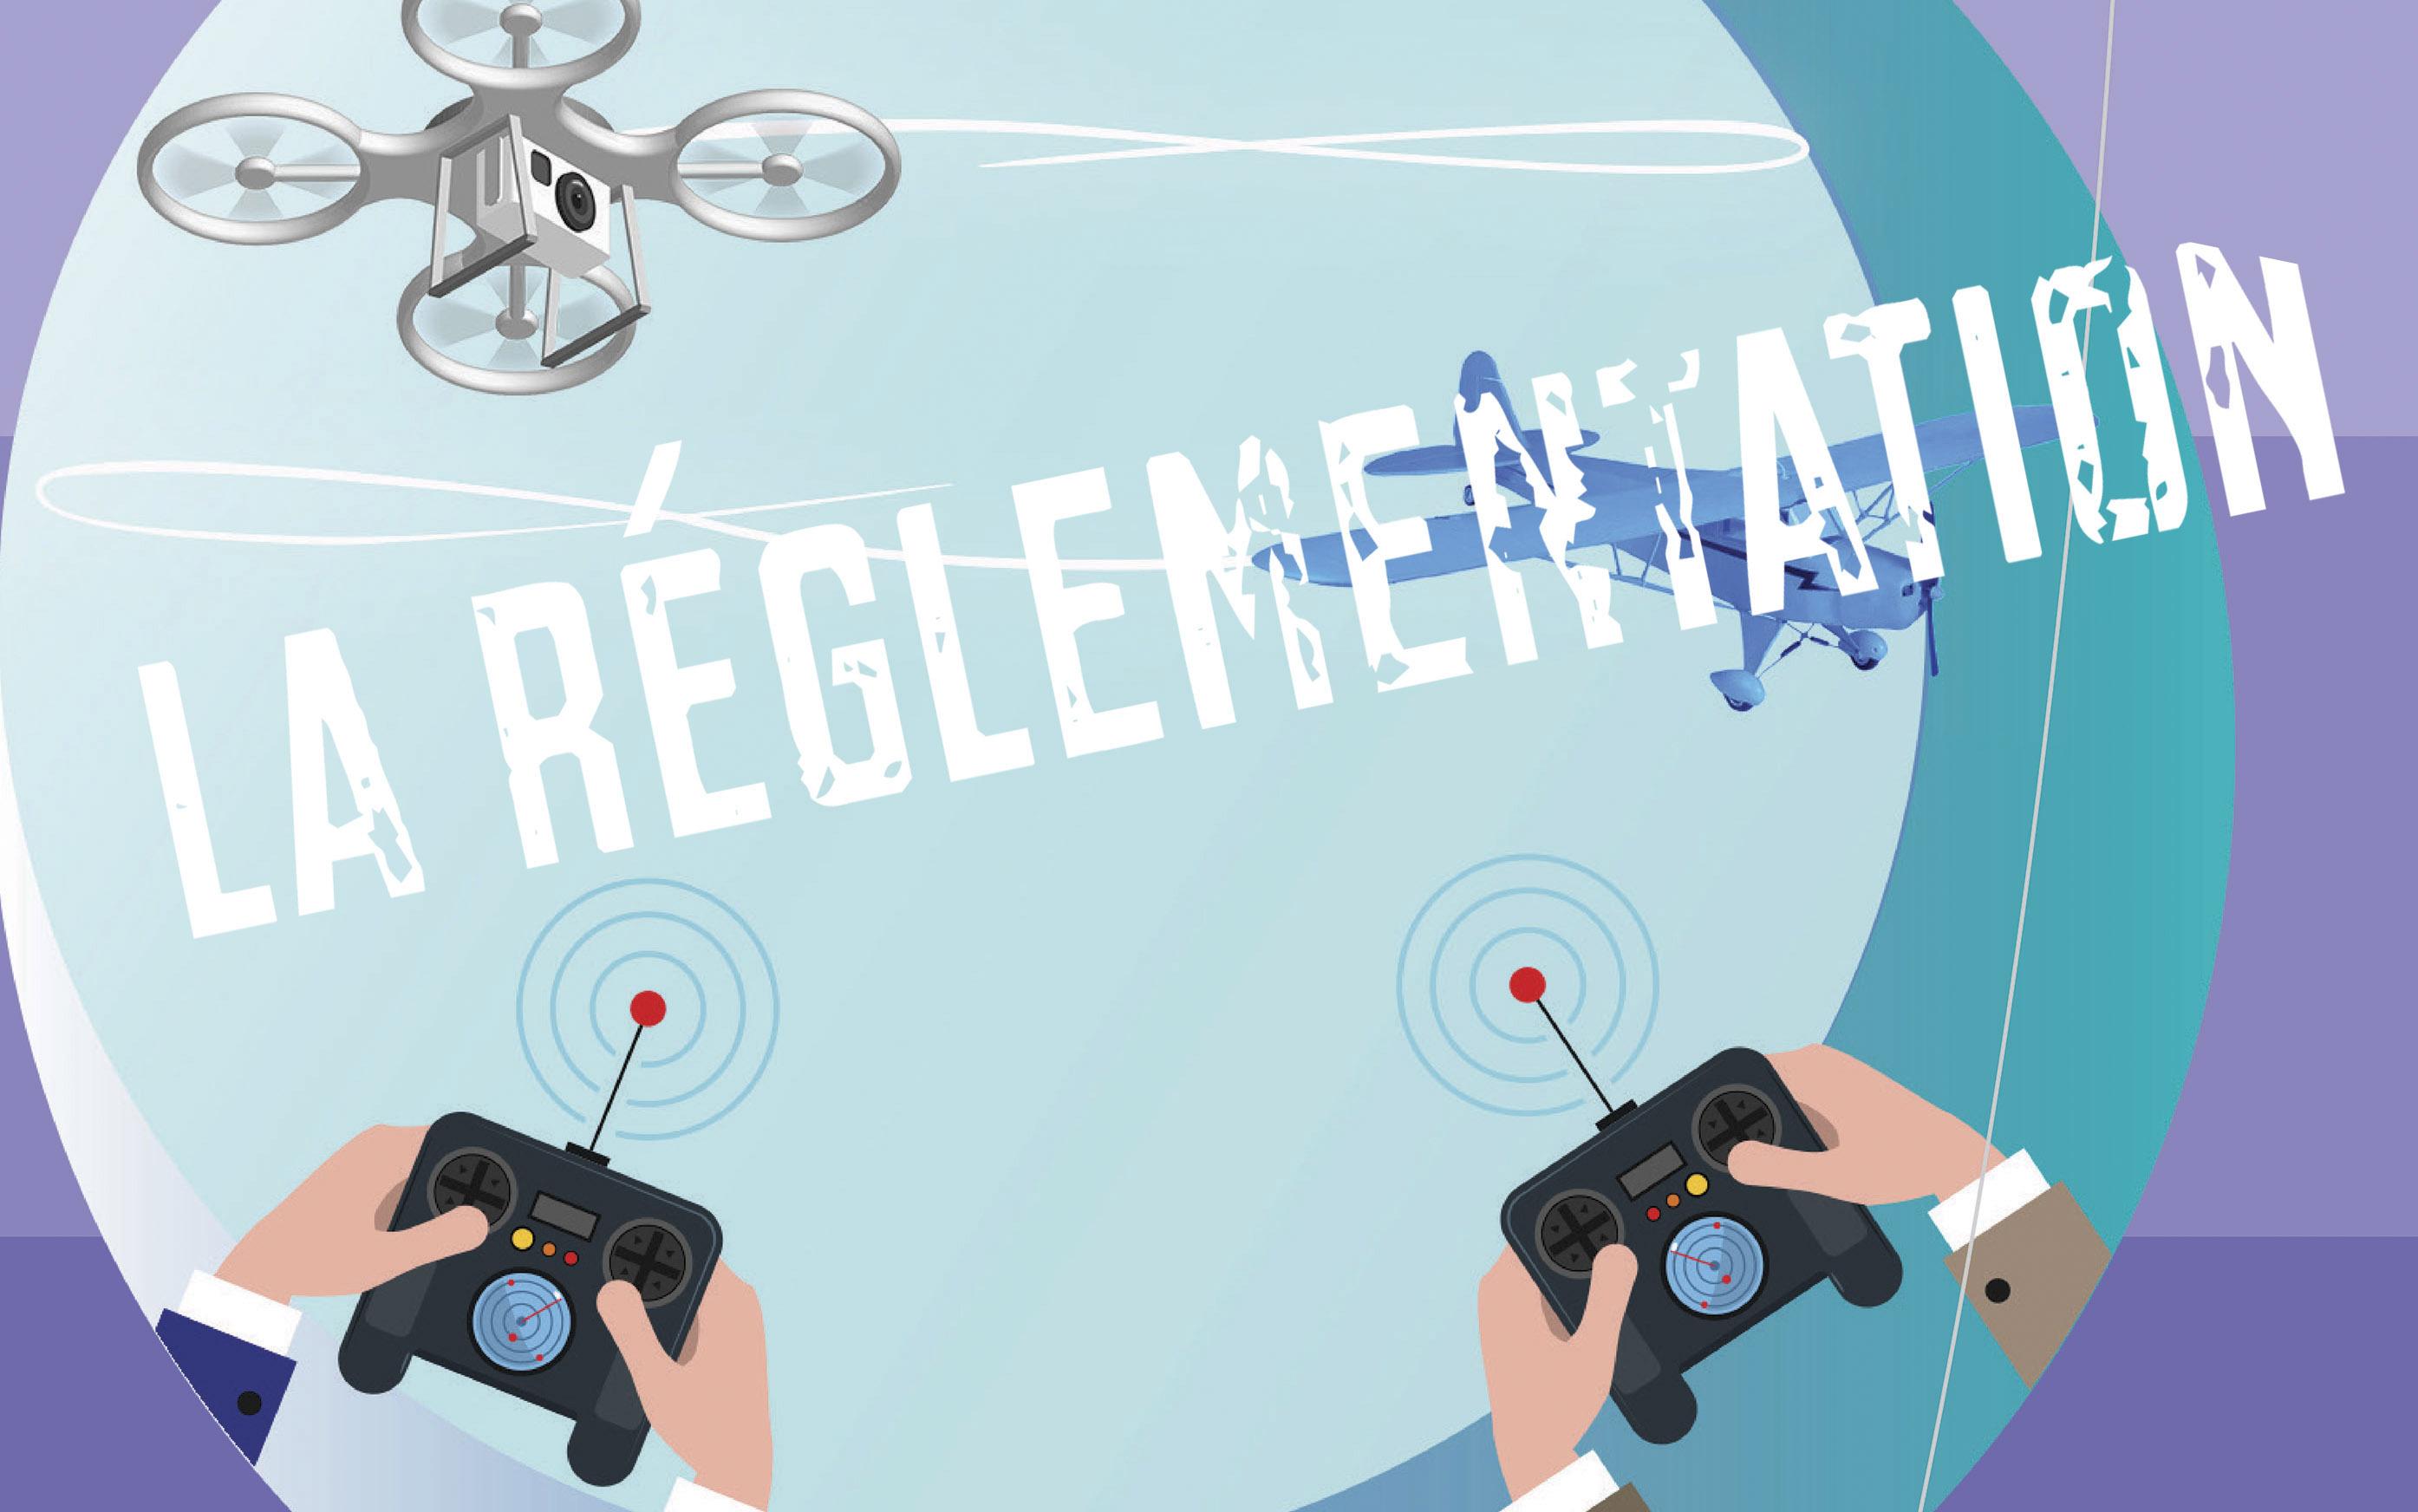 Guide sur la réglementation pour voler avec des drones, des avions et des hélicoptères radiocommandés